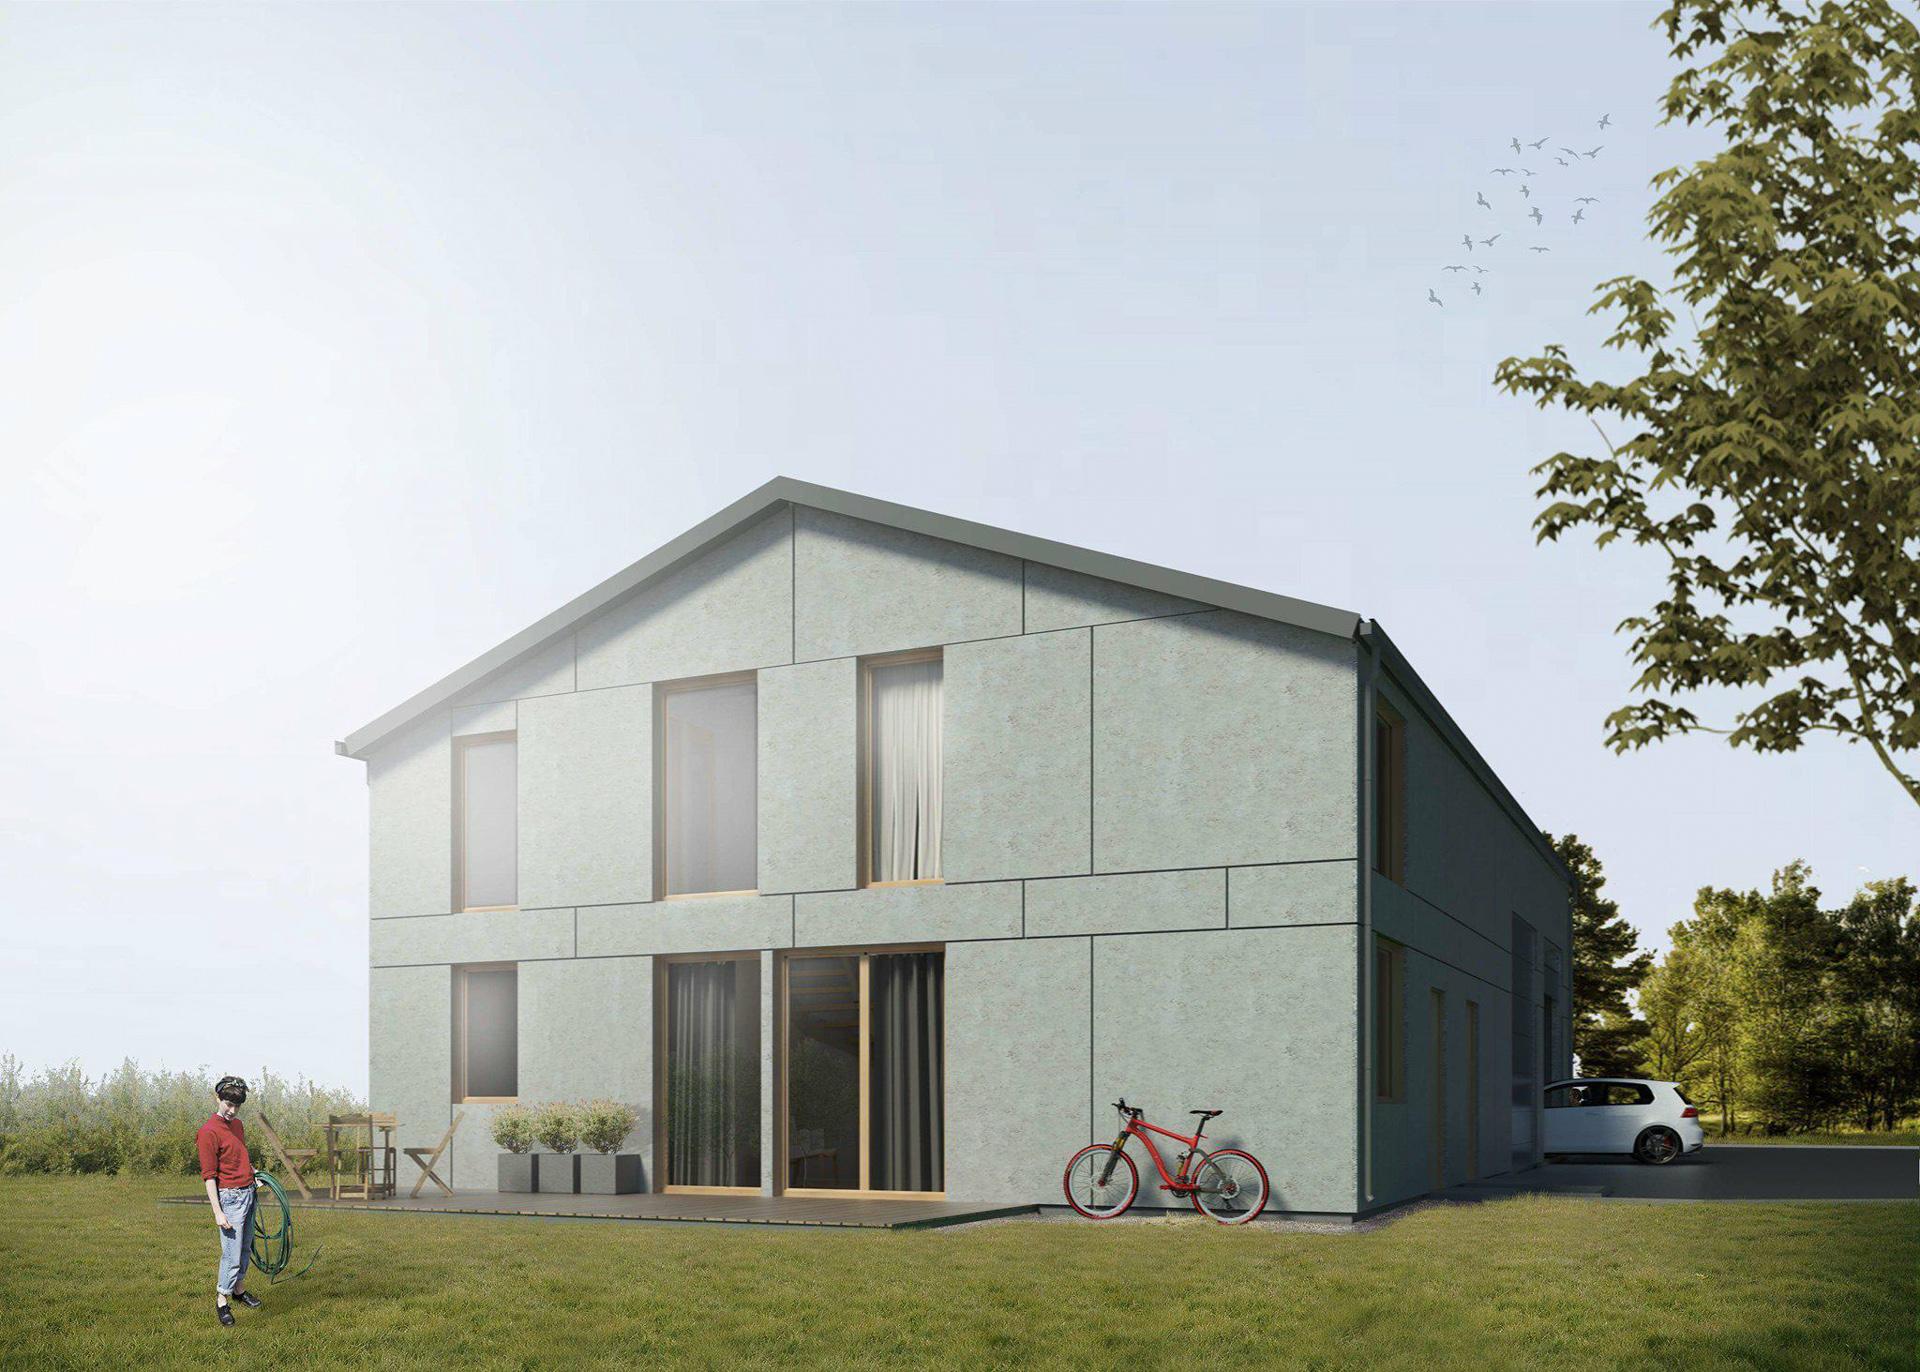 Dom jednorodzinny w prostej bryle o współczesnym designie połączony z częścią magazynowo warsztatową Biuro Projektowe Mistone sp z o.o. Września